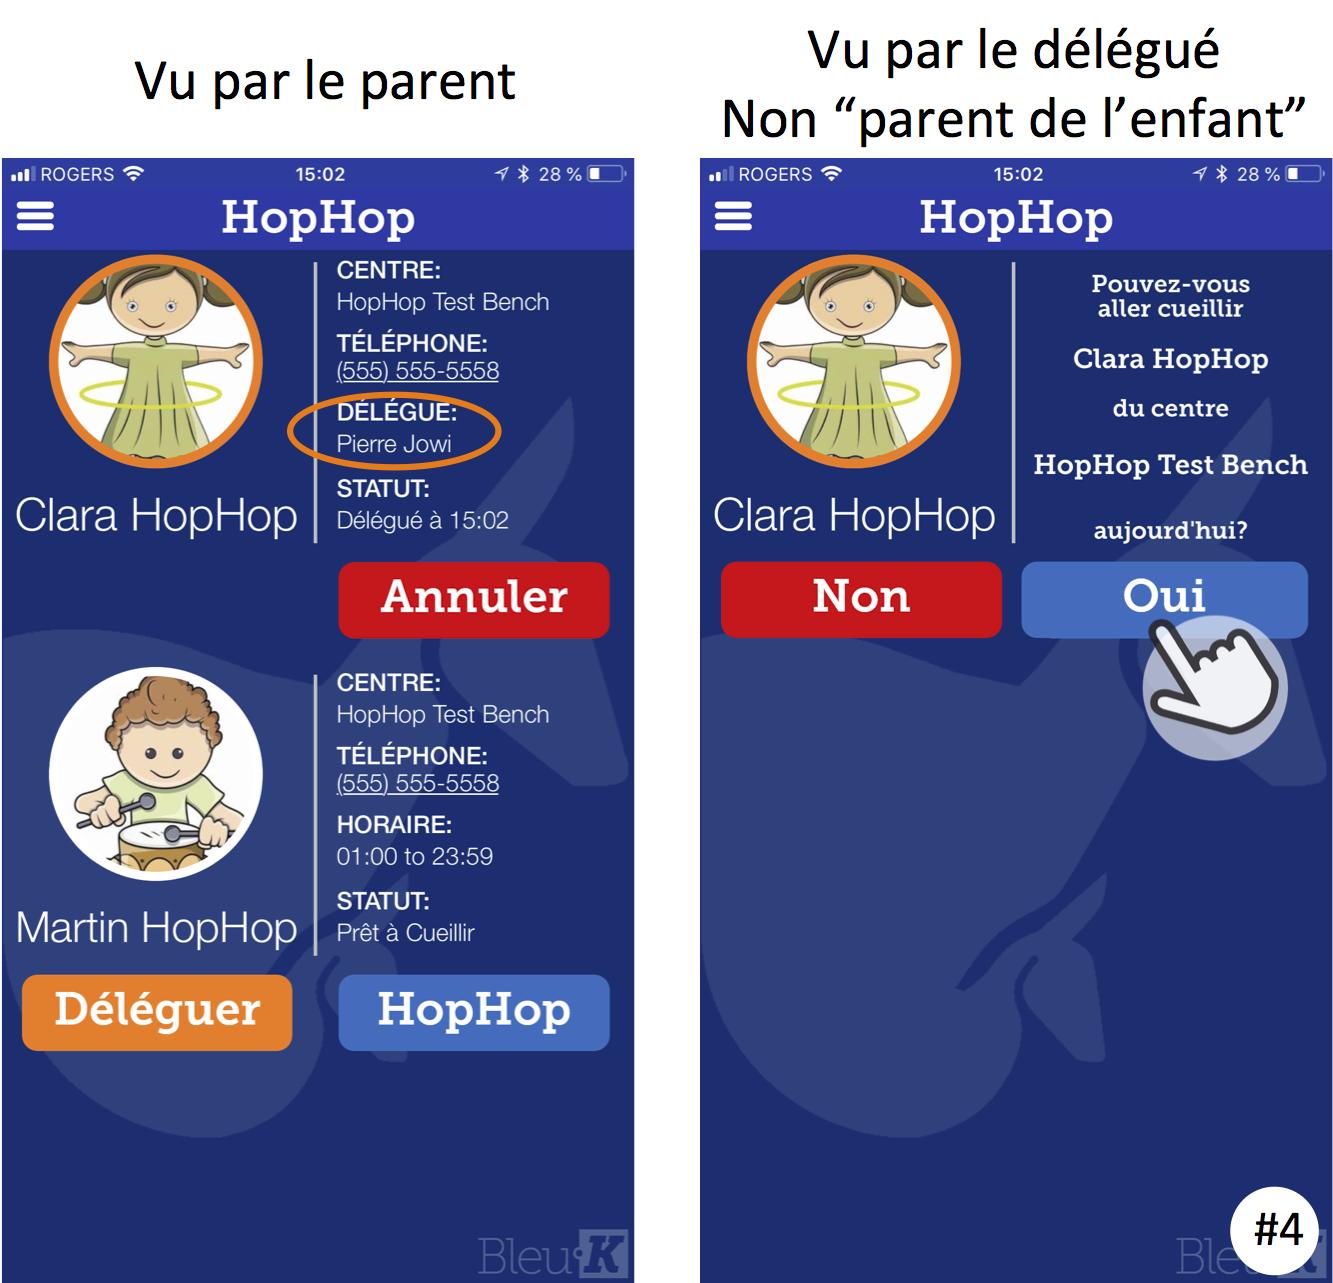 Deleguer_non parent_FR_4